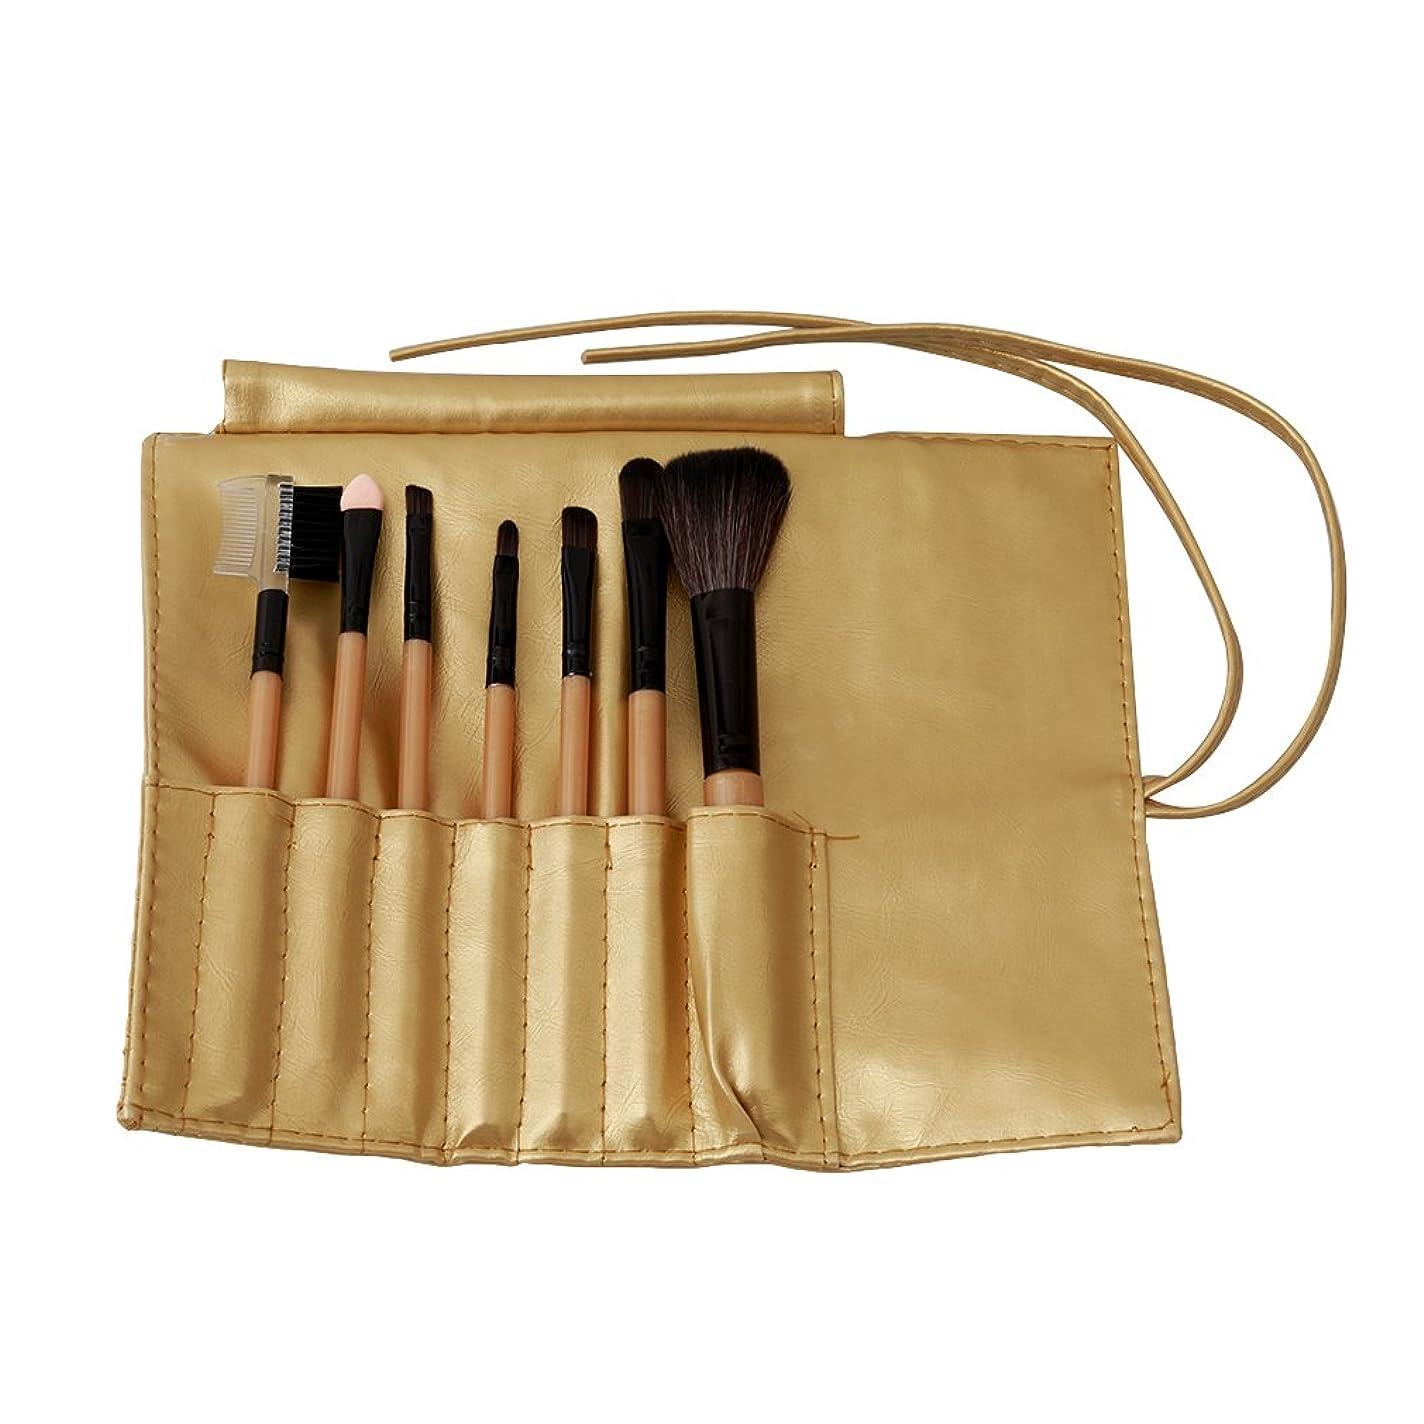 アフリカ人人形拾うLUXWELL(ラクスウェル)PU 専用ポーチ付き 化粧ブラシ 化粧ブラシセット メイクブラシセット 7本 (ゴールド)